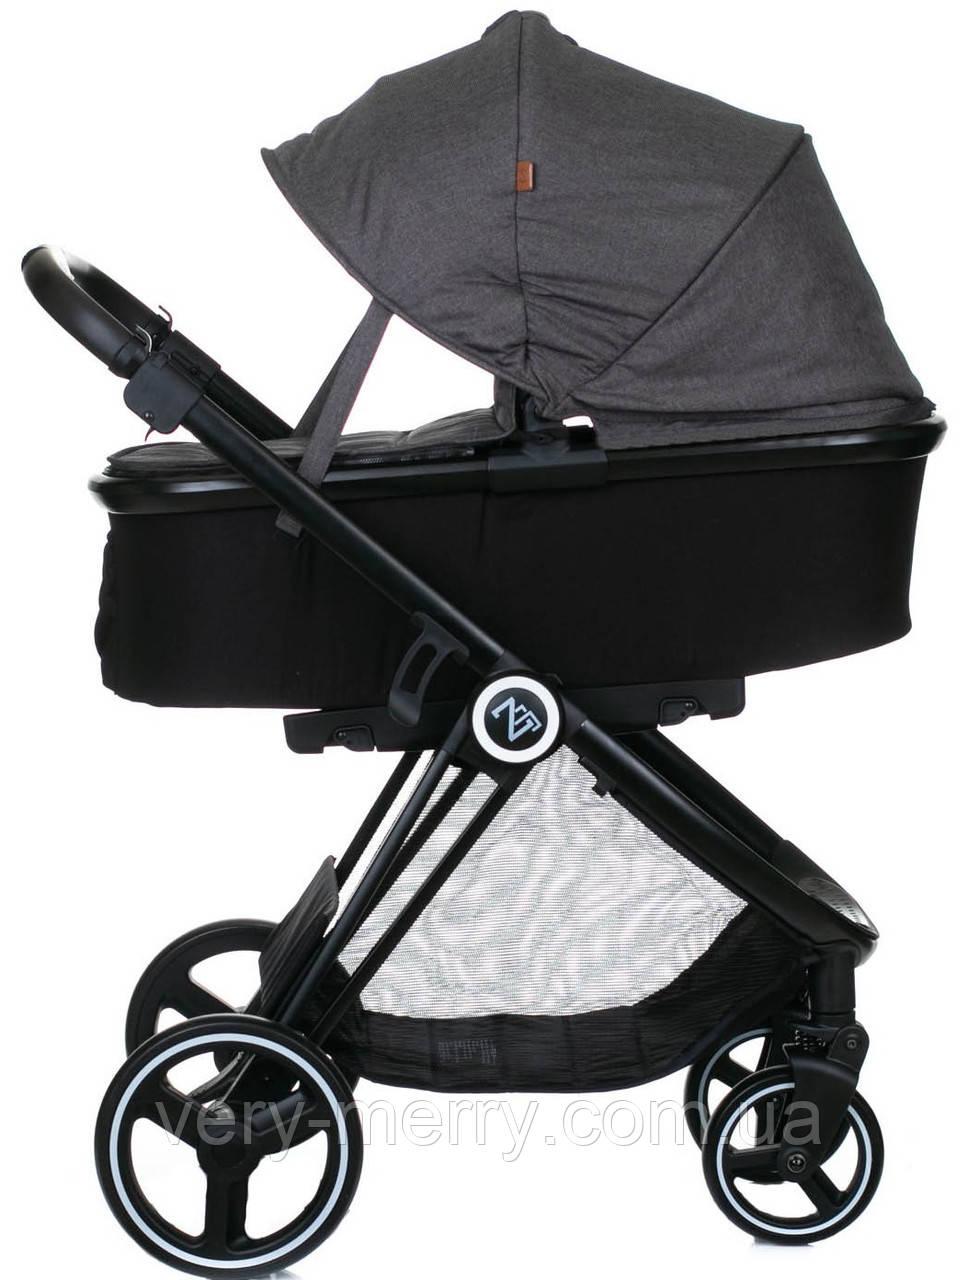 Універсальна коляска 2 в 1 Babyzz B102 (сірий колір)